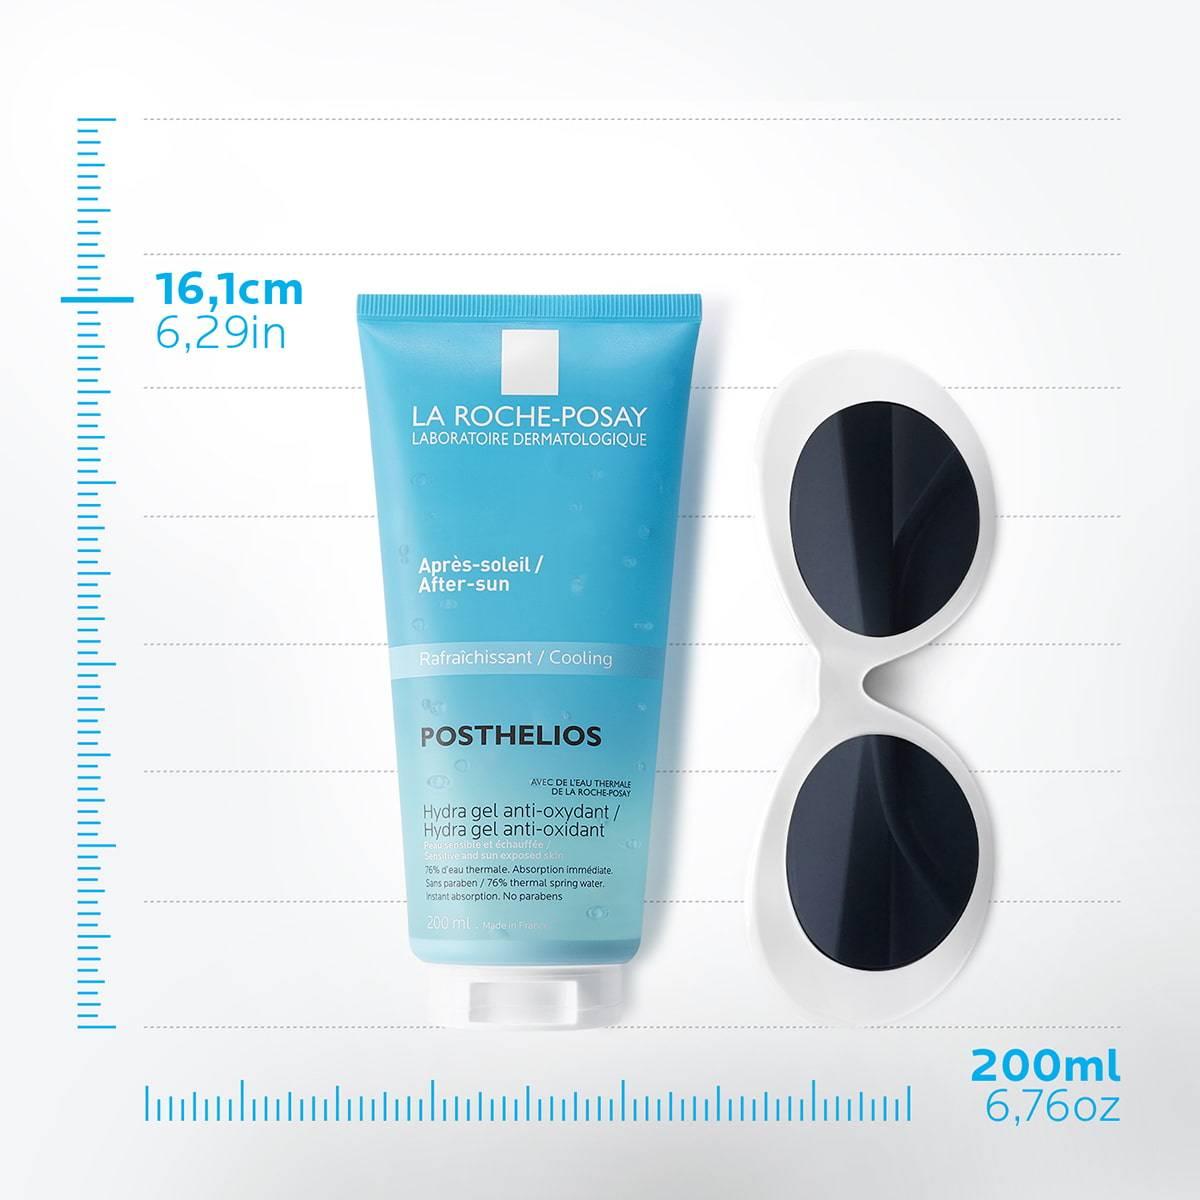 La Roche Posay ProduktSide Eftersun Posthelios Hydragel 200ml 3337875